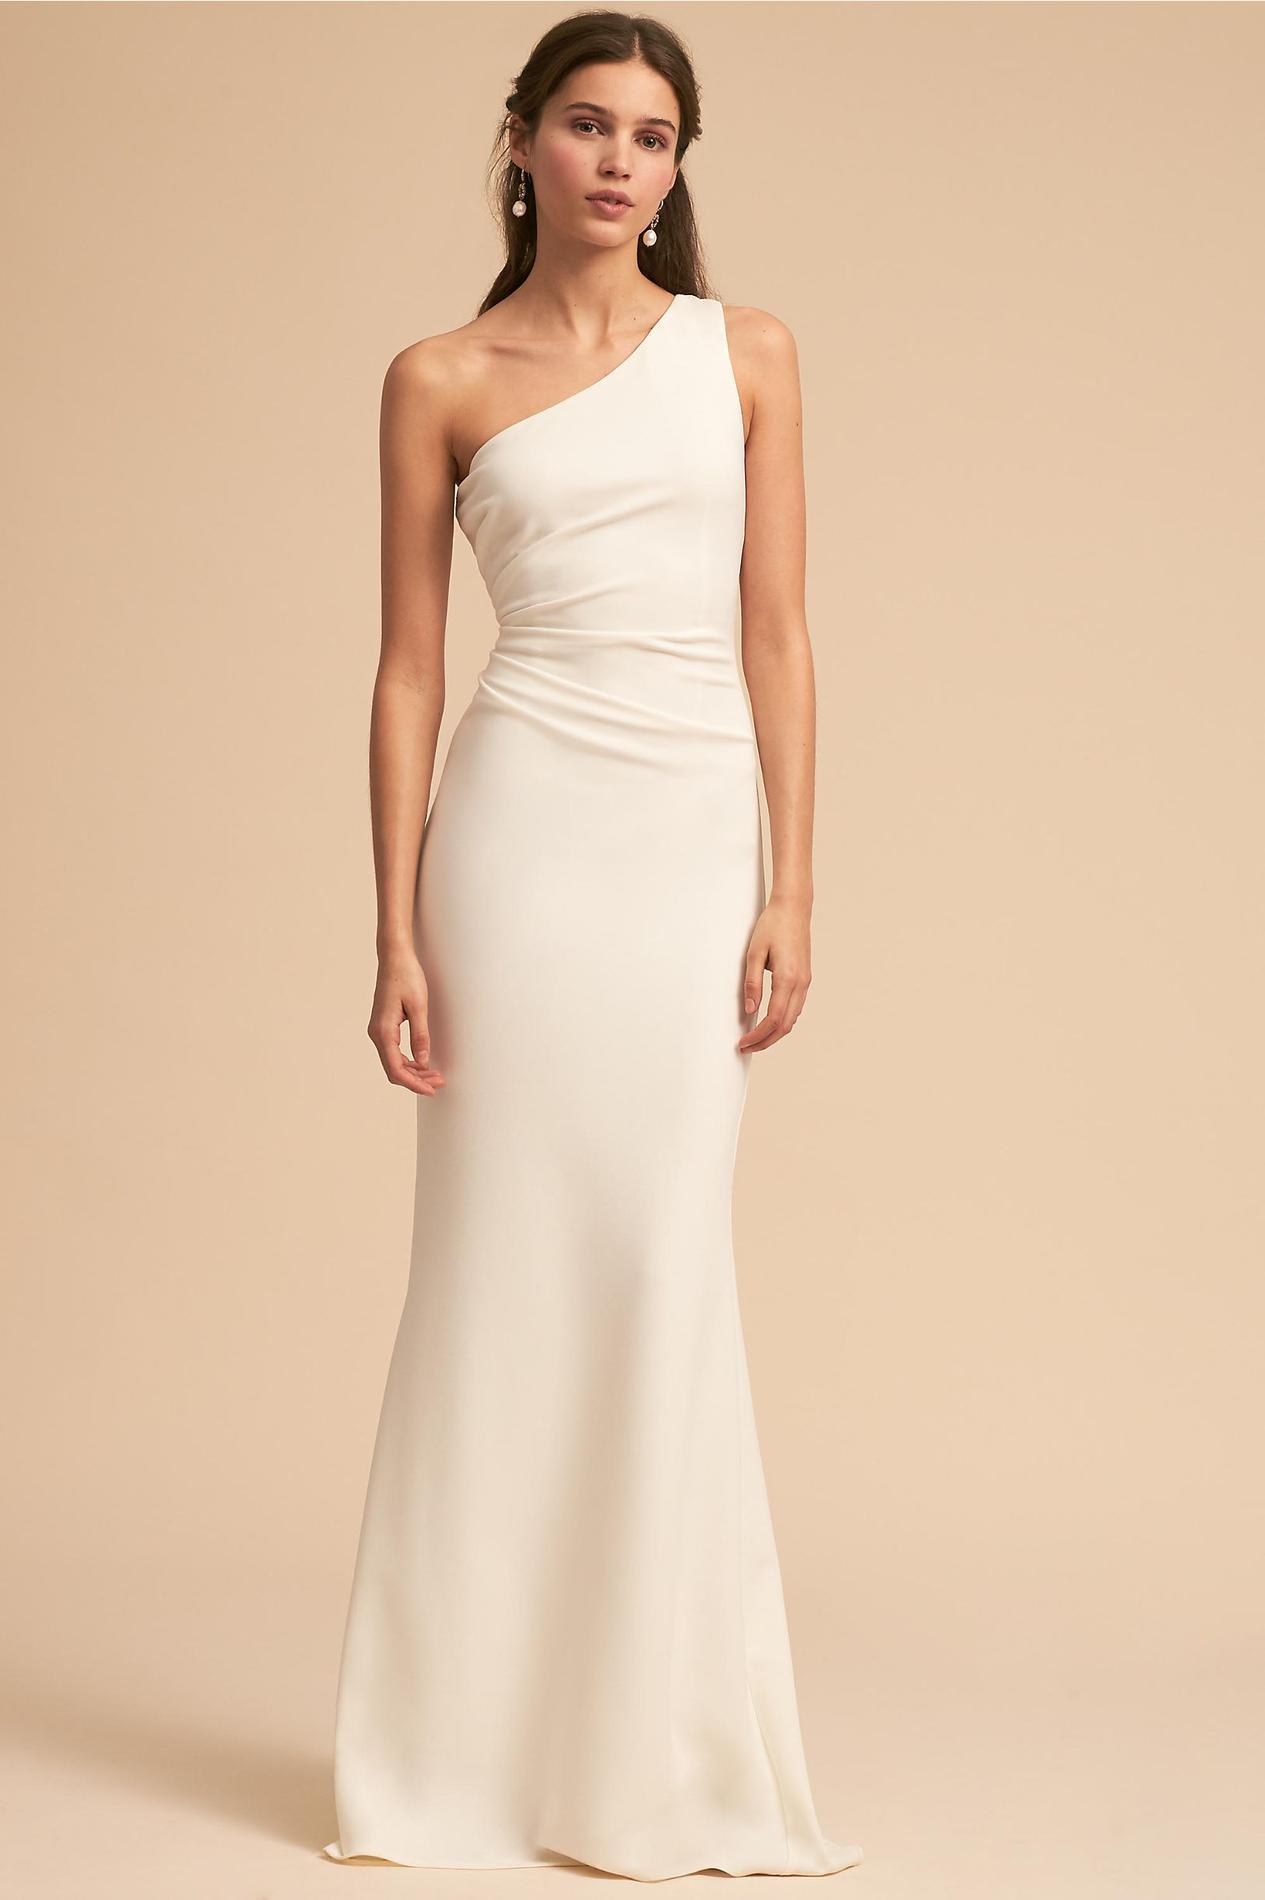 d83685bf0d4 ... Notre sélection de robes de mariée à moins de 500 euros - Katie May ...